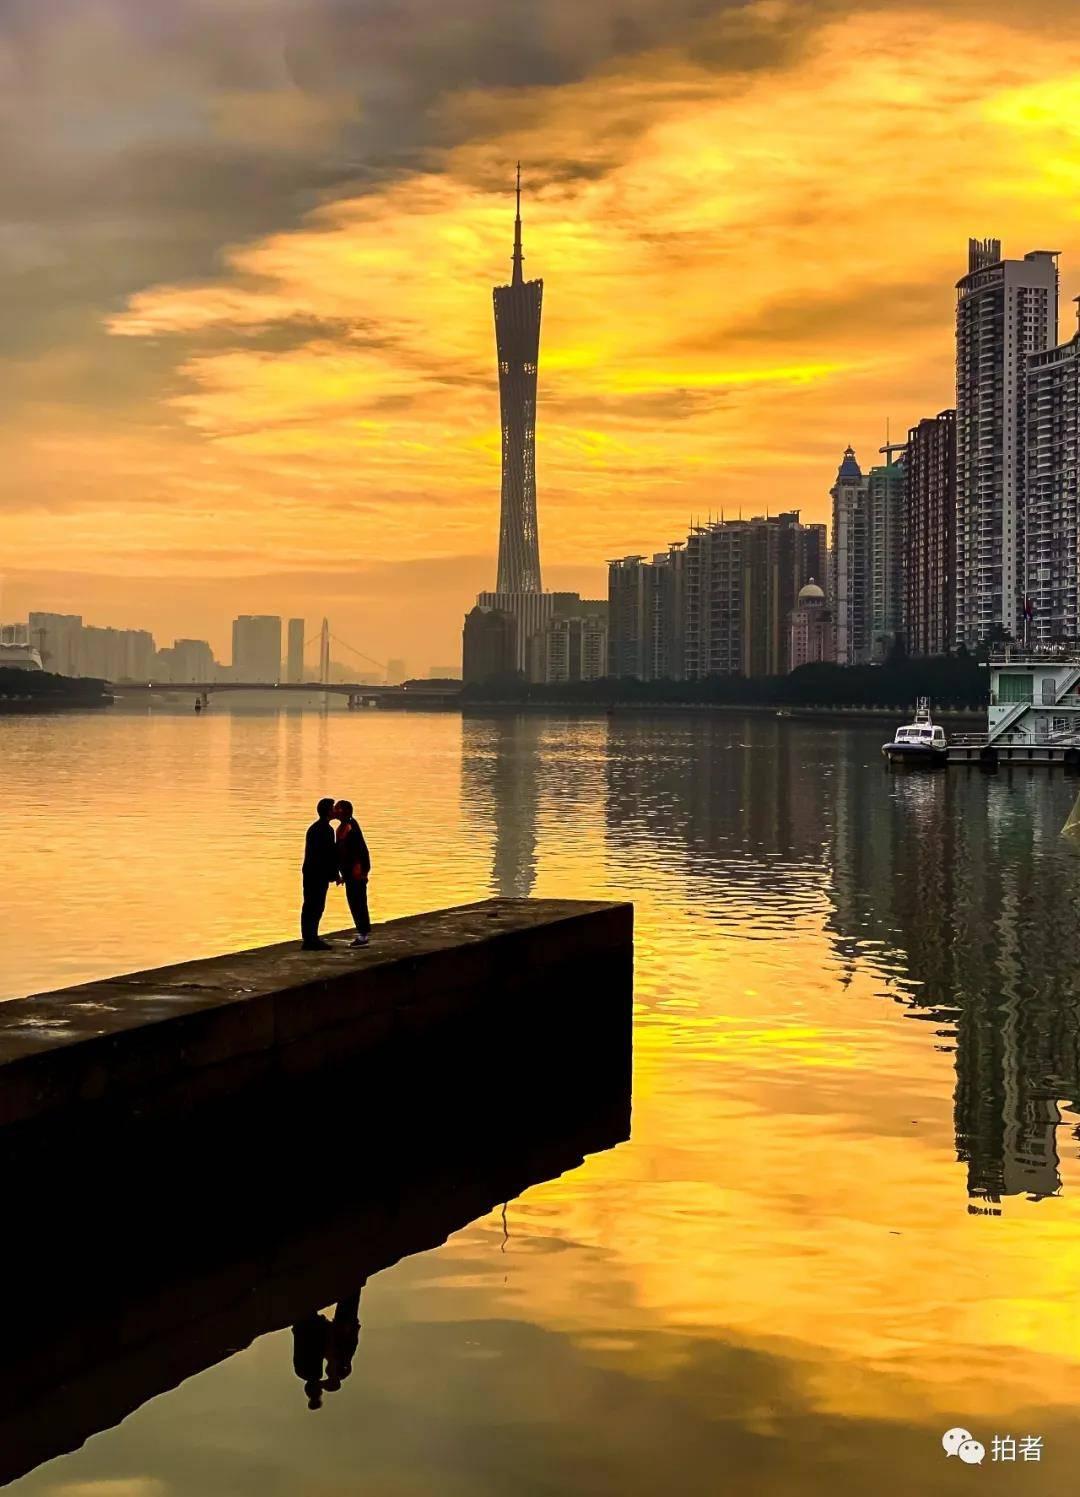 珠江边的摄影师:遛狗的时候,我在拍些什么?